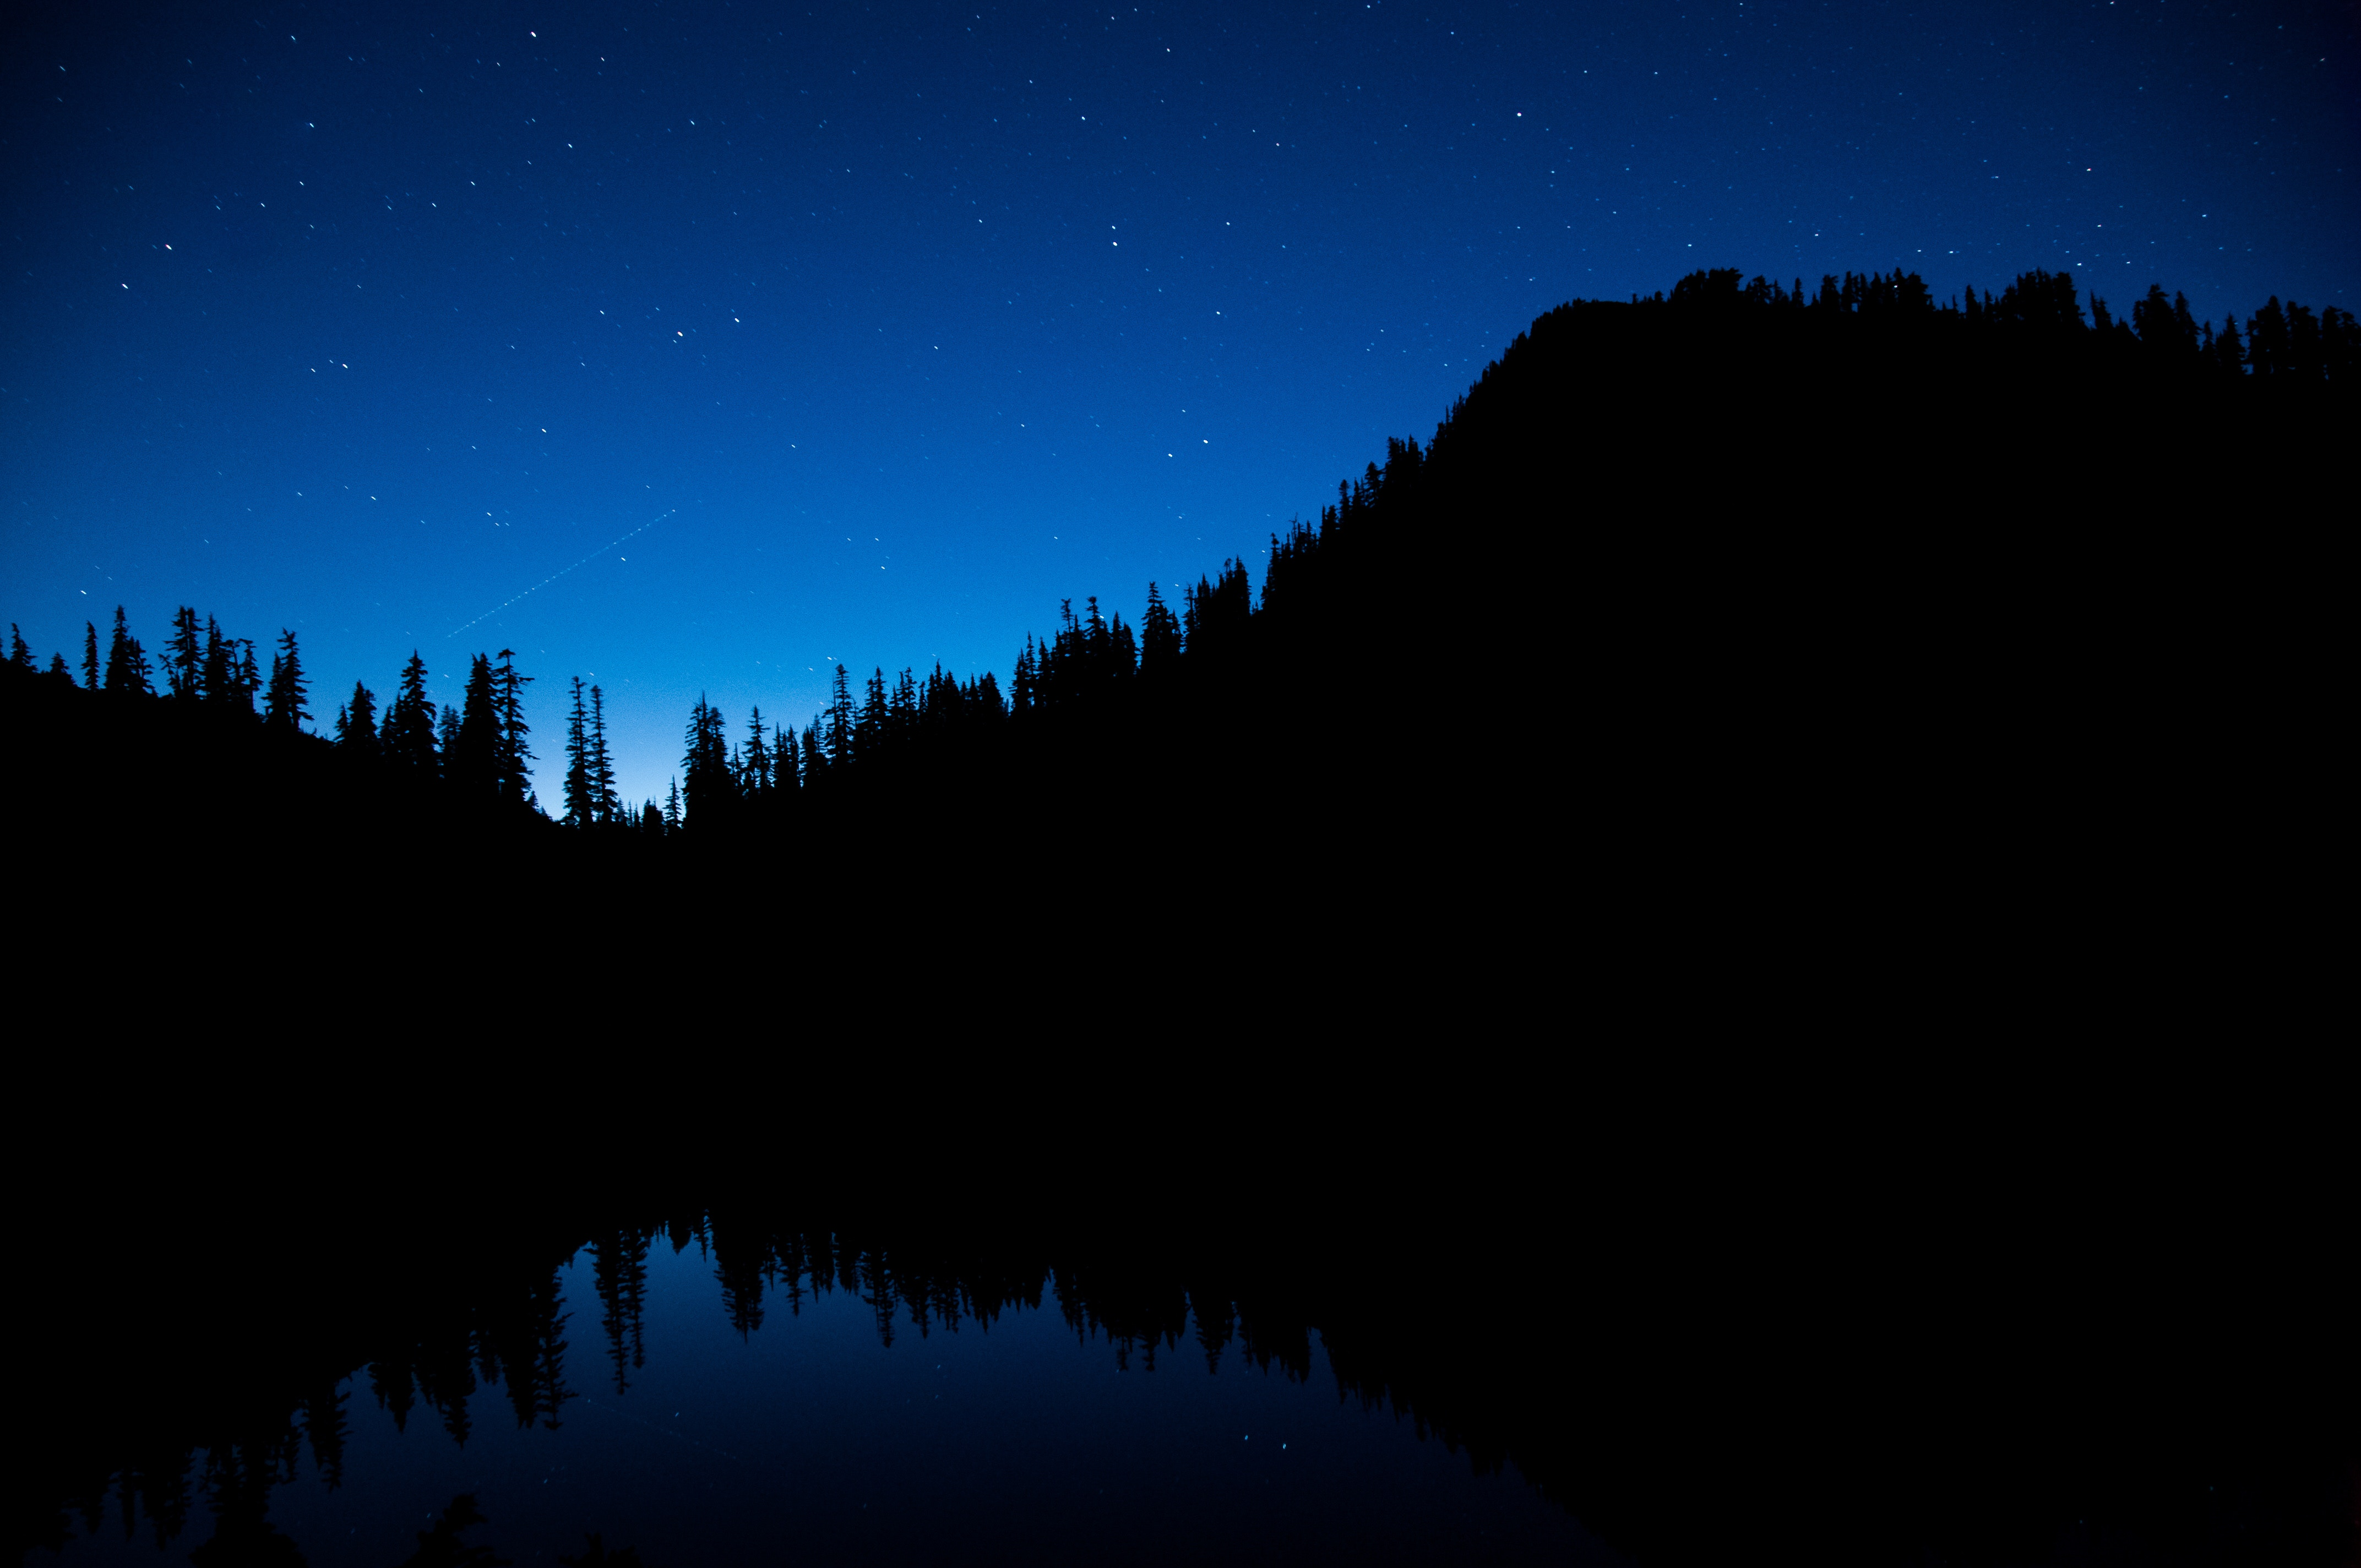 免費下載 104626: 树, 黑暗的, 黑暗, 星空, 夜空 桌面壁紙